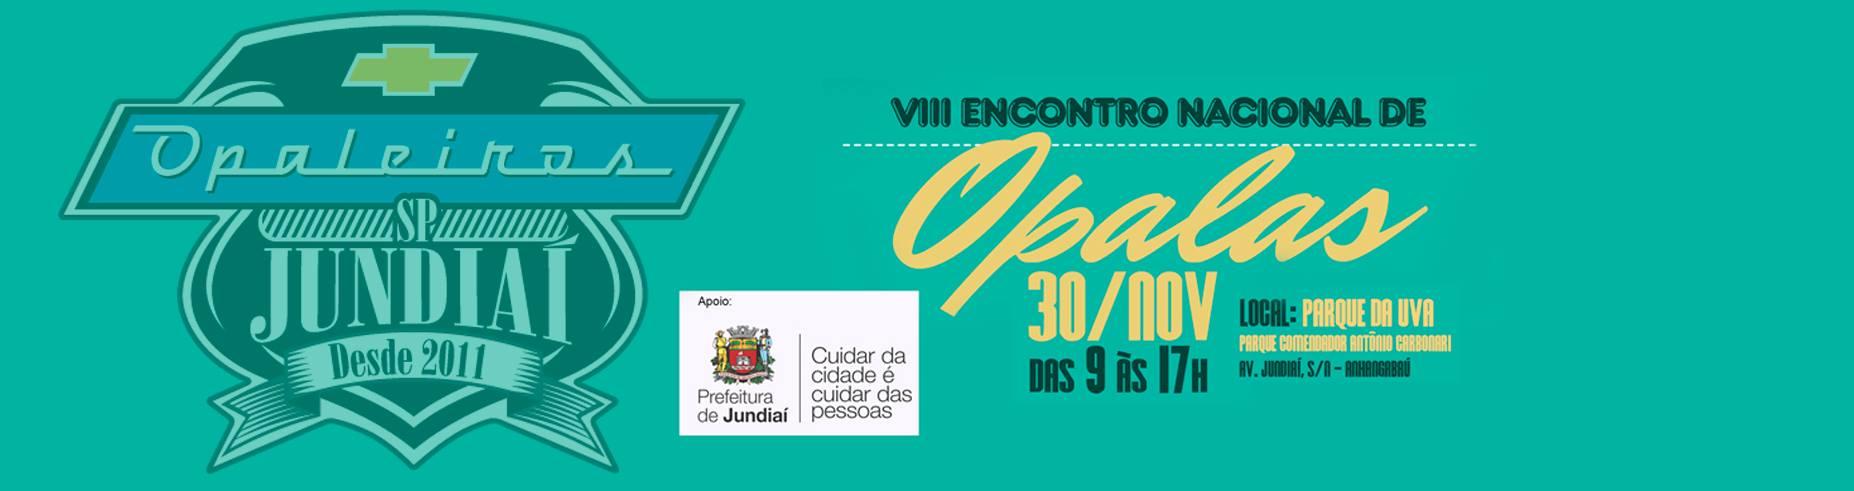 VIII - ENCONTRO NACIONAL DE OPALAS 2014 - JUNDIAÍ